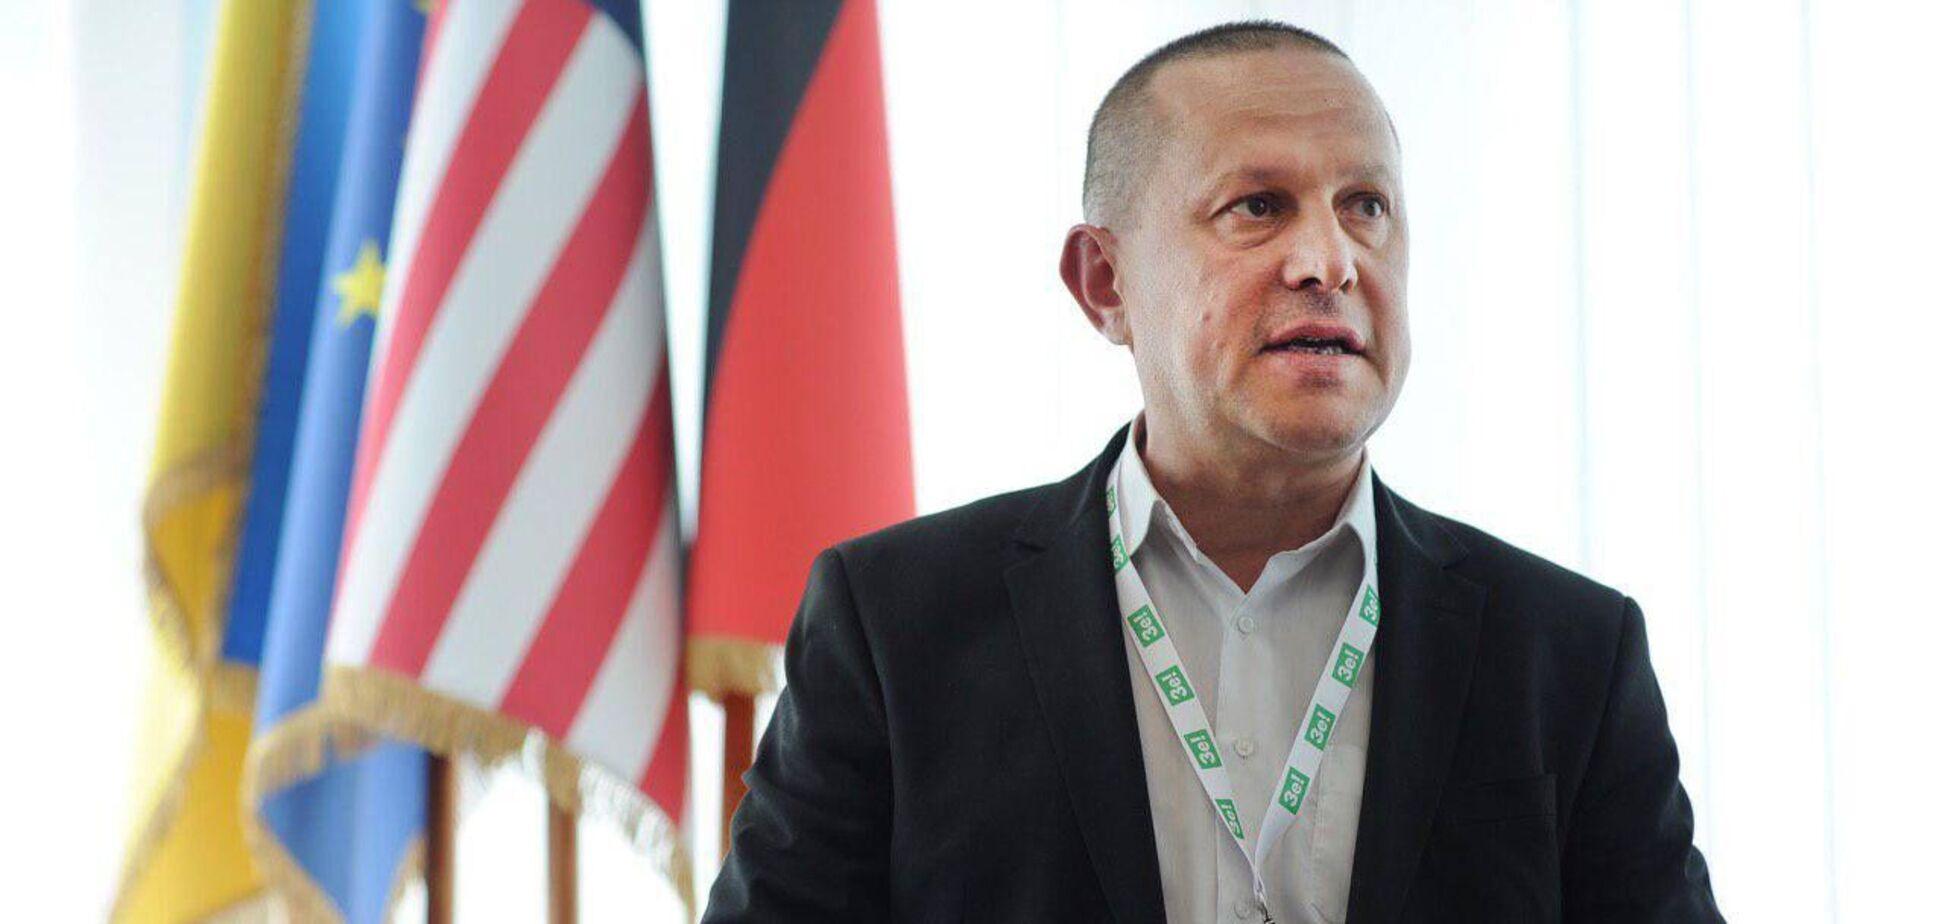 Нардеп від 'Слуги народу' Андрійович склав мандат через обрання мером